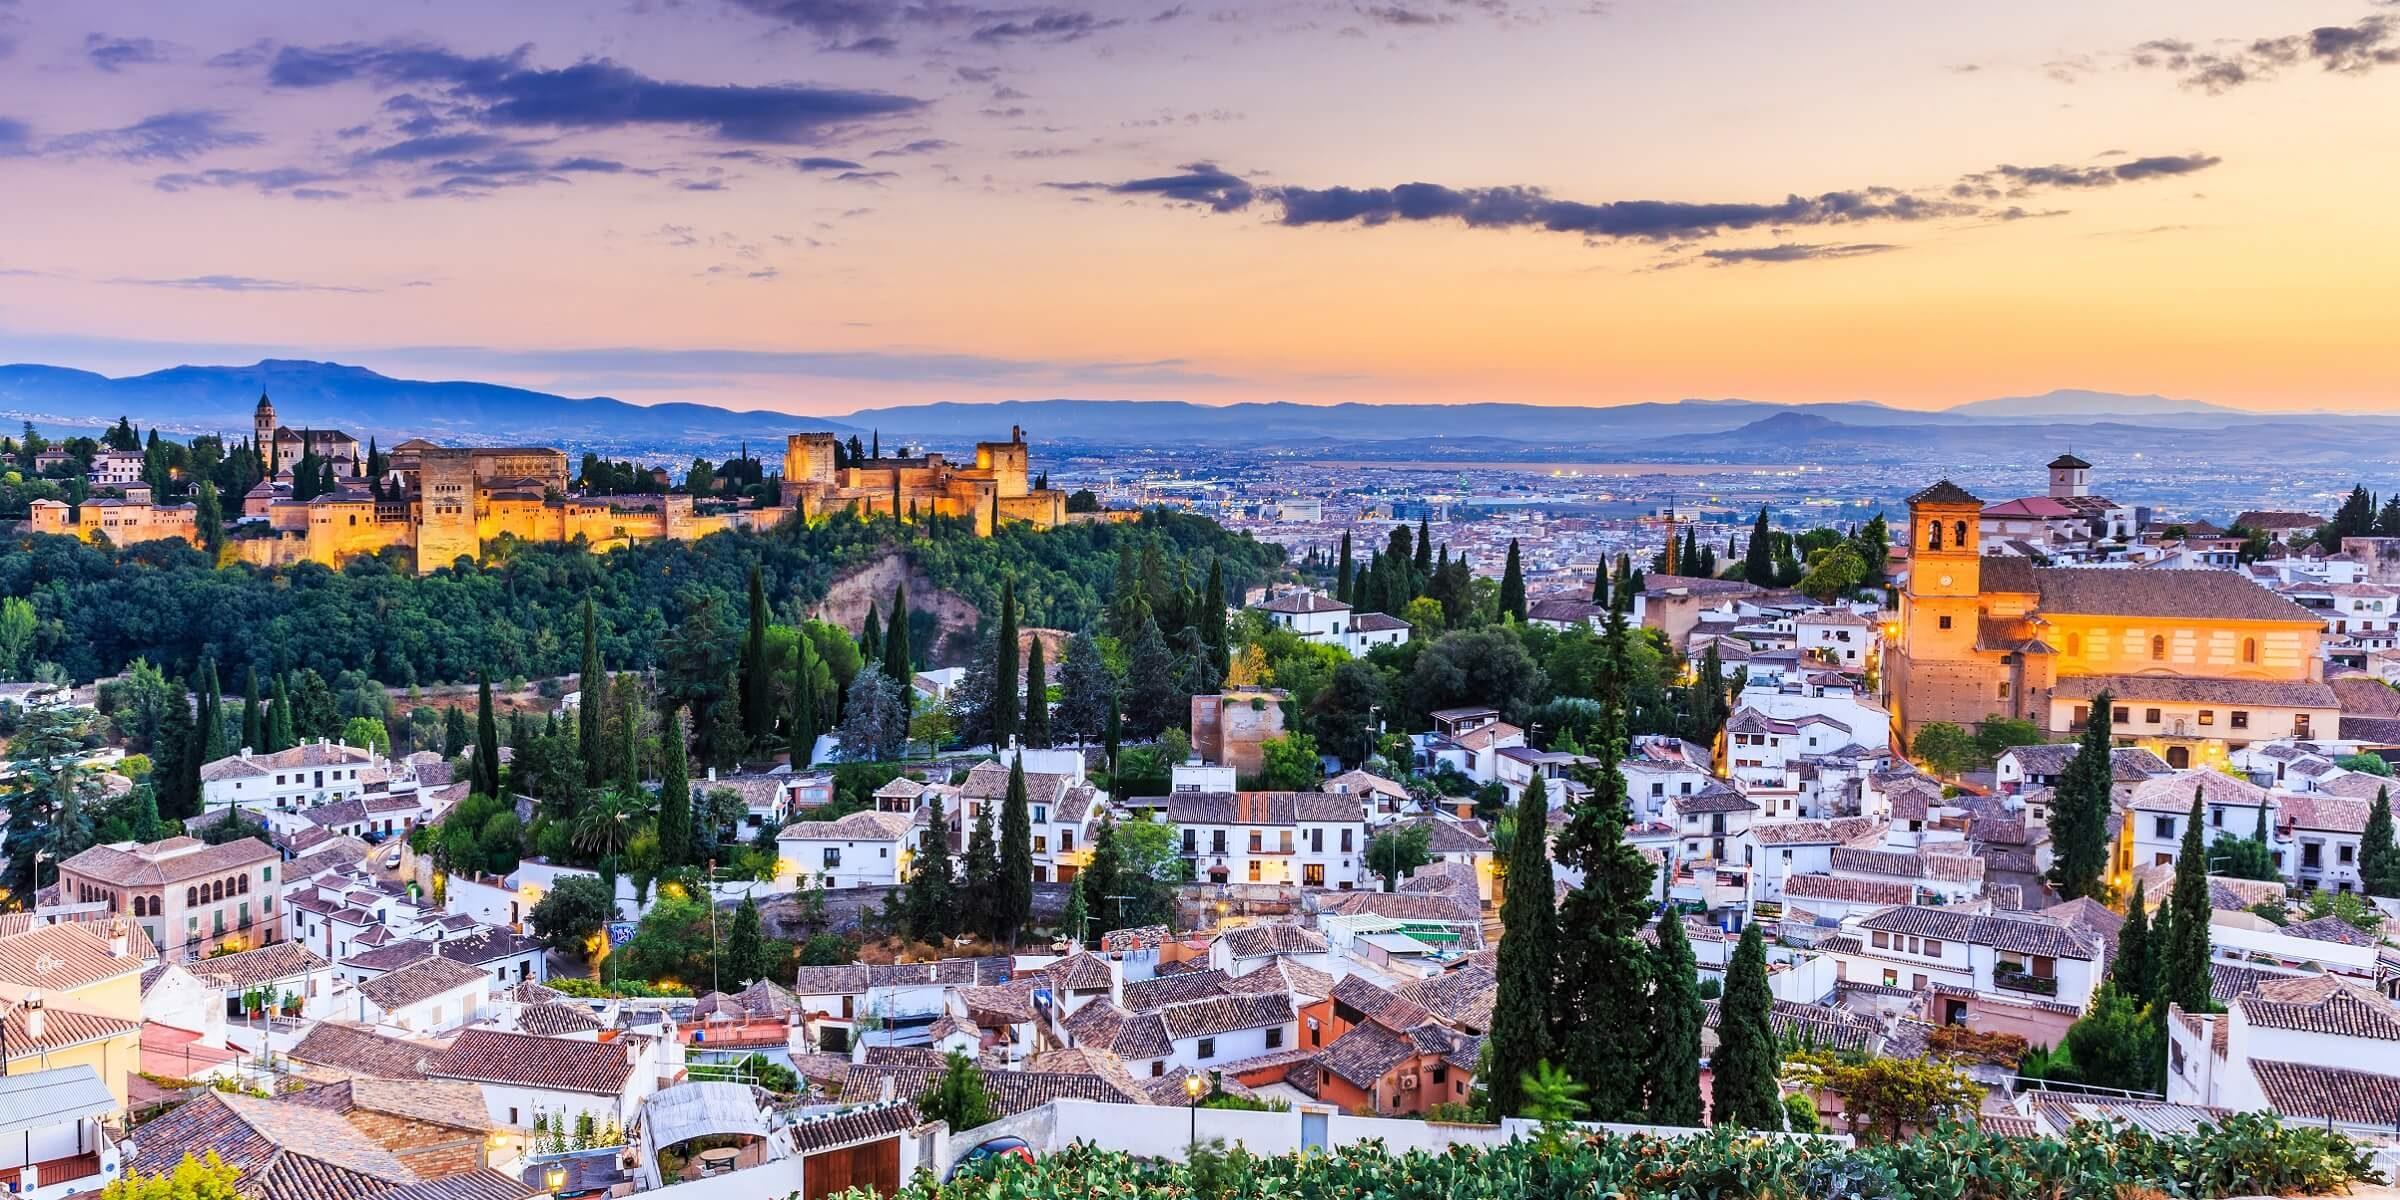 In Granada werden in BarsTapas noch kostenlos zu Getränkengereicht. Dementsprechend findet das Leben besonders ab dem Nachmittag in den Bars und auf den Straßen davor statt.